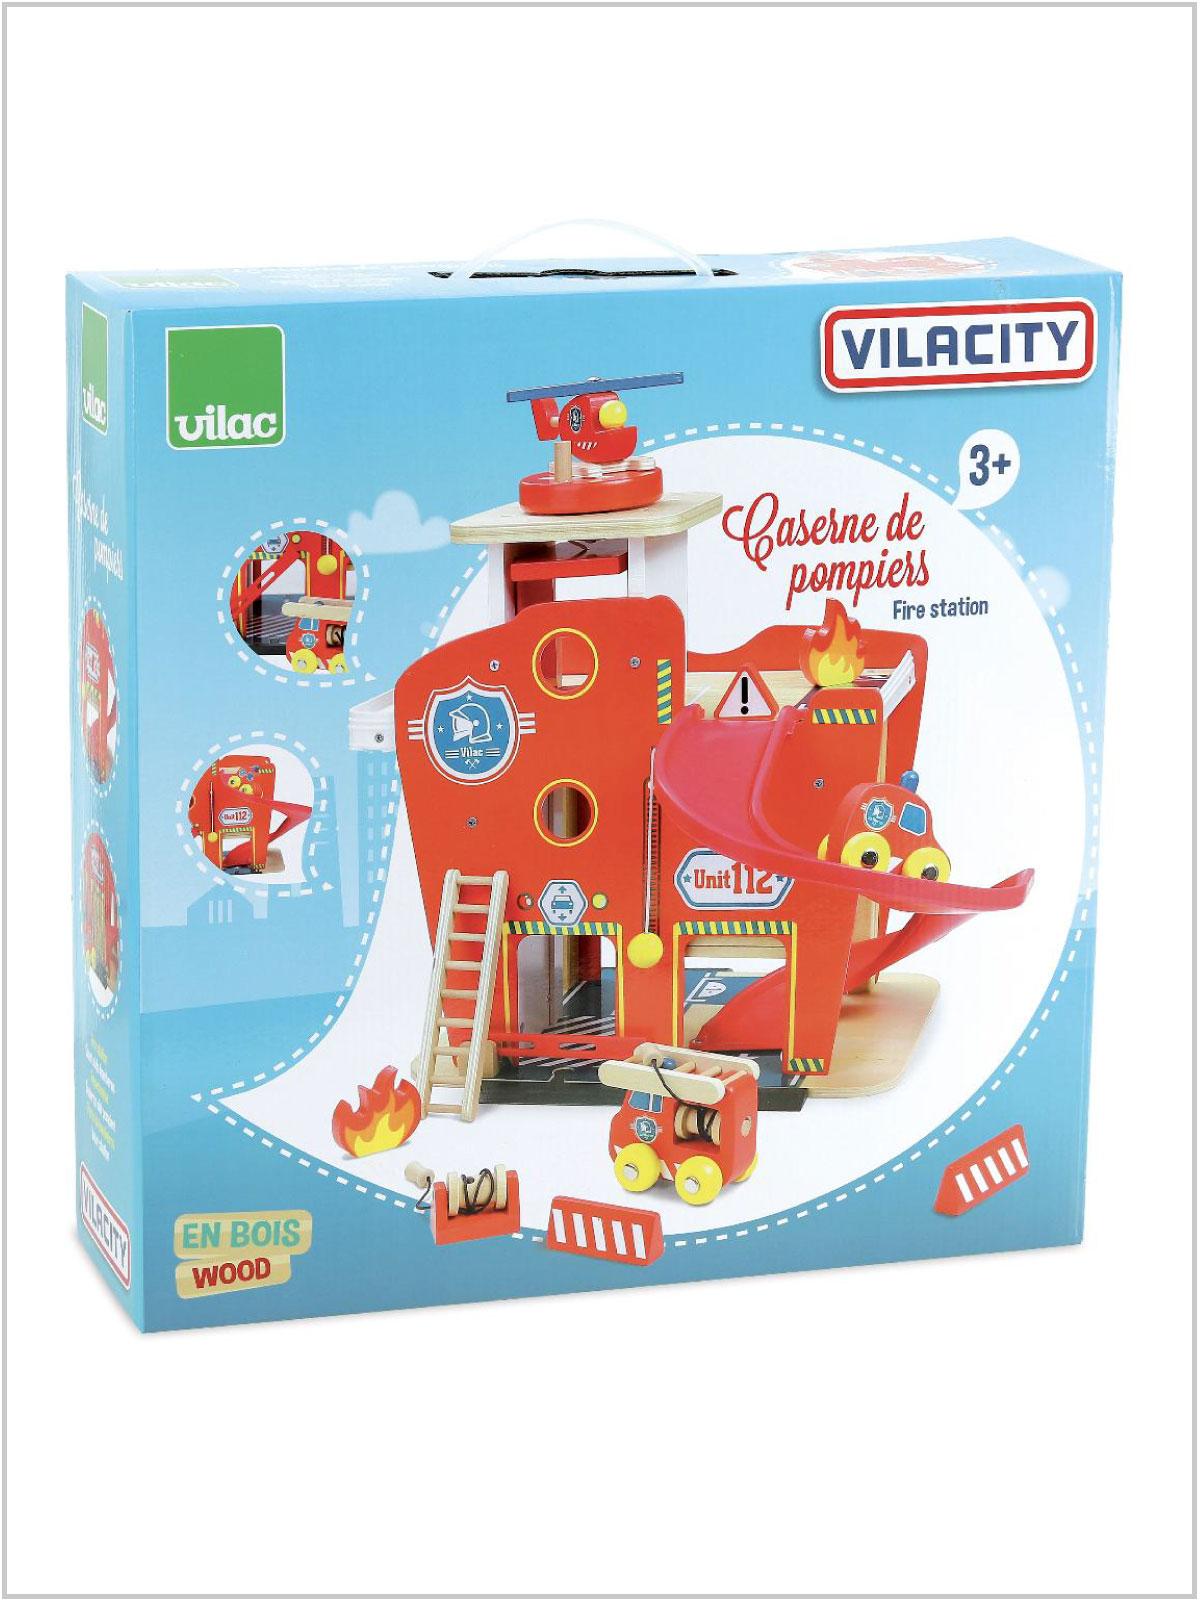 frederickandsophie-kids-toys-vilac-firestation-vilacity